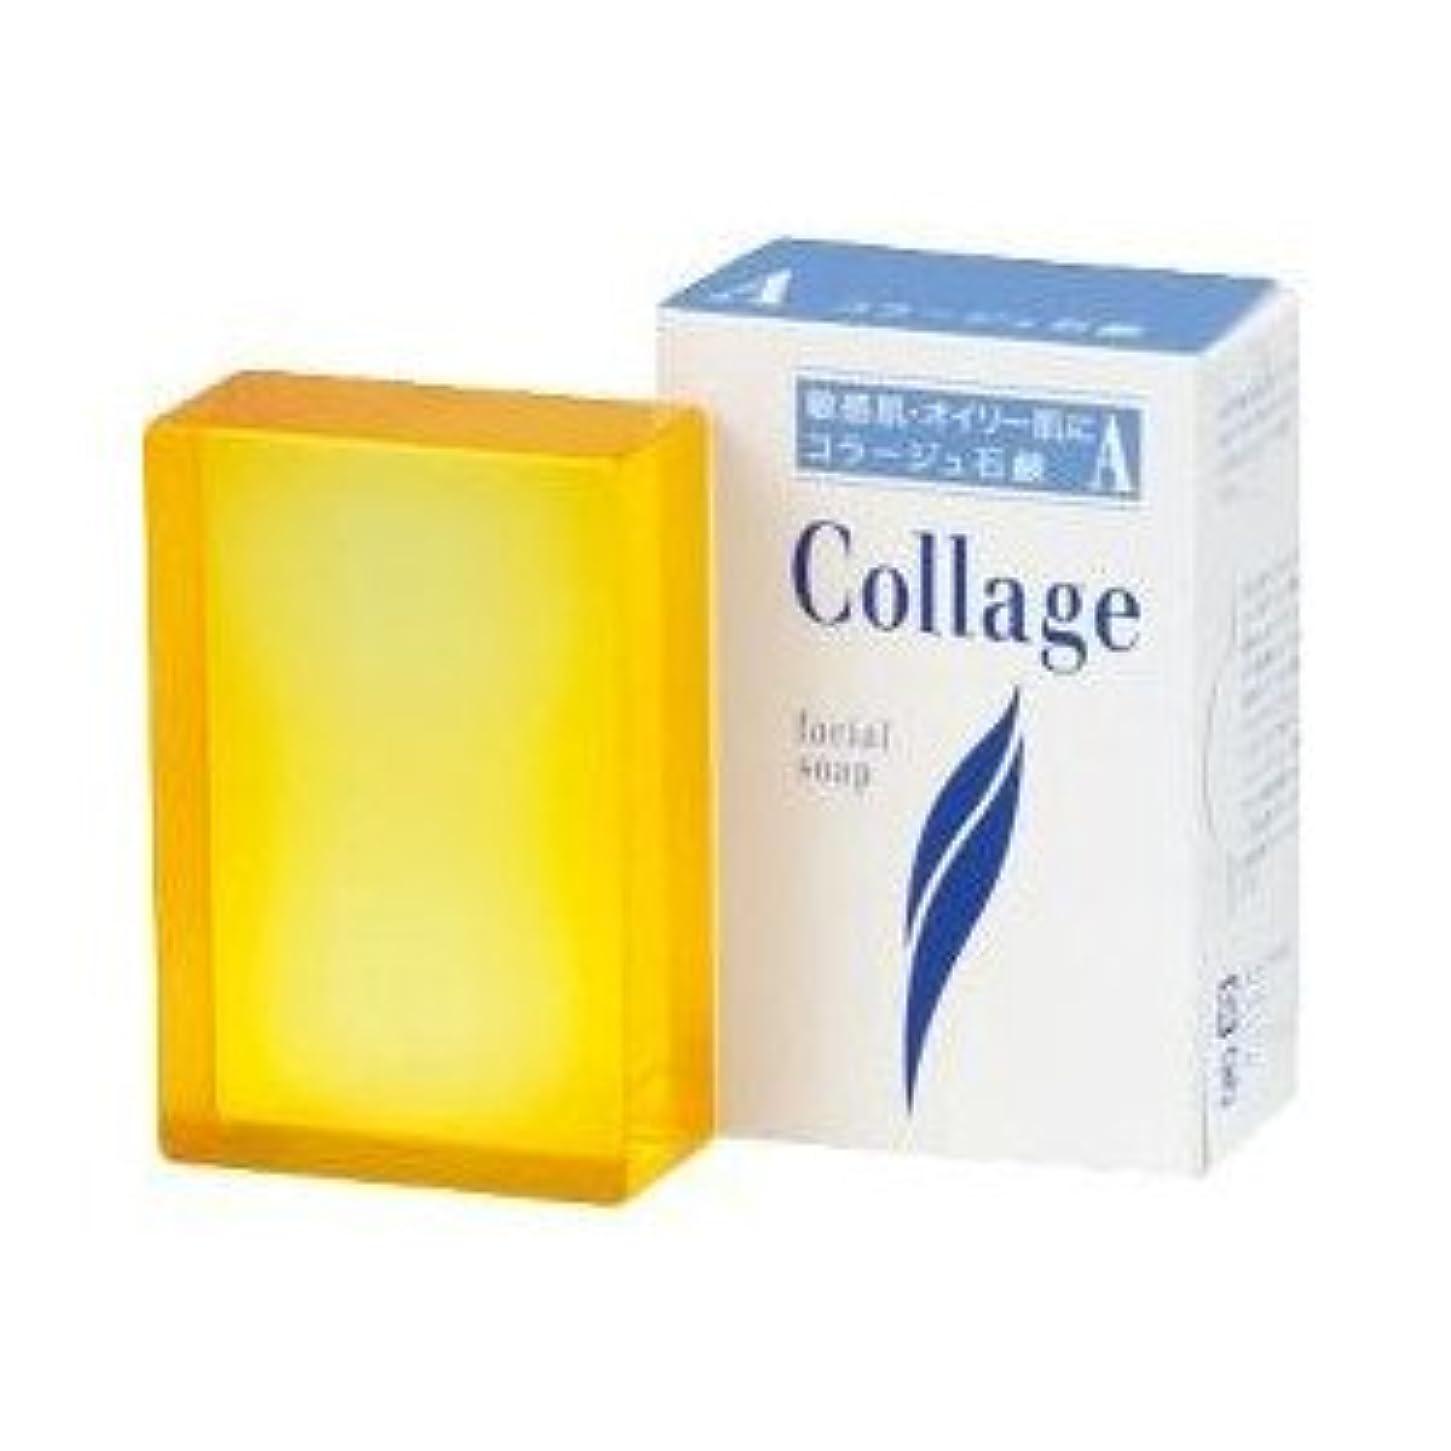 一般化する検索エンジン最適化コメンテーター(持田ヘルスケア)コラージュA脂性肌用石鹸 100g(お買い得3個セット)